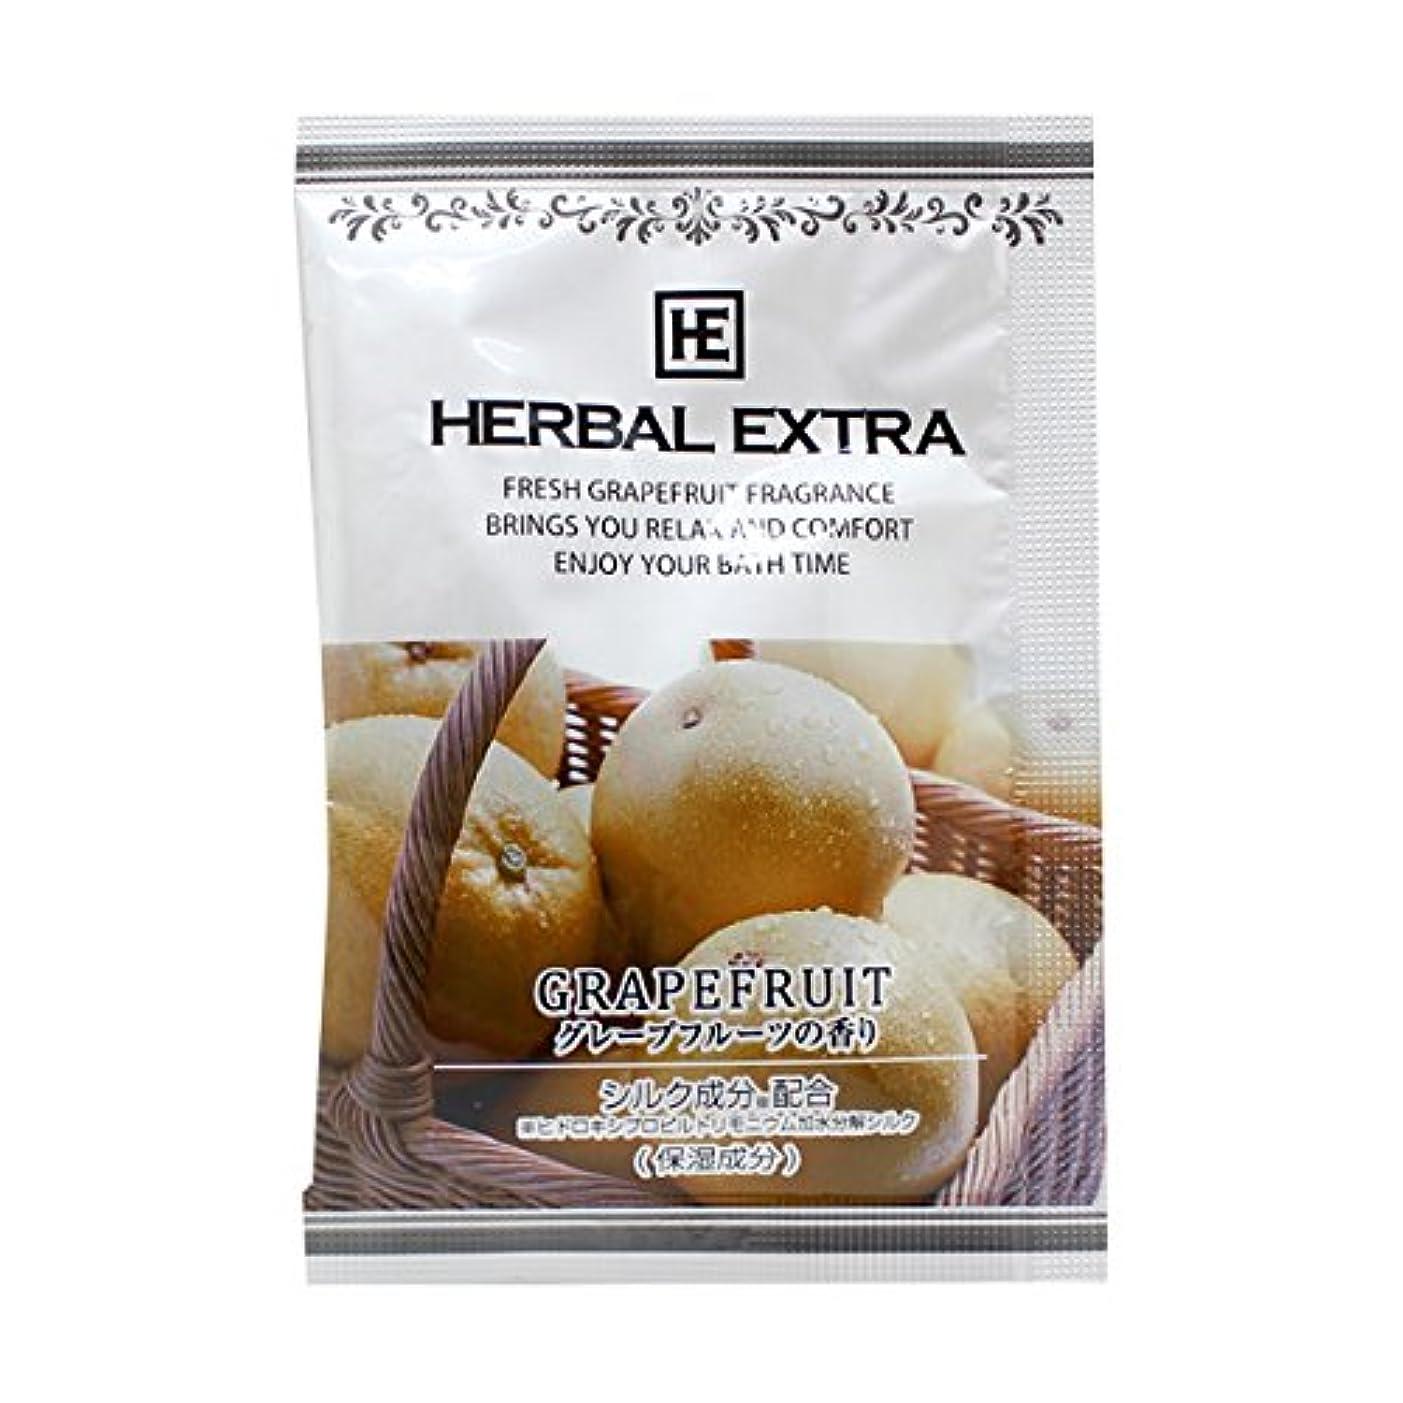 化学薬品聖歌意味のある入浴剤 ハーバルエクストラ「グレープフルーツの香り」30個